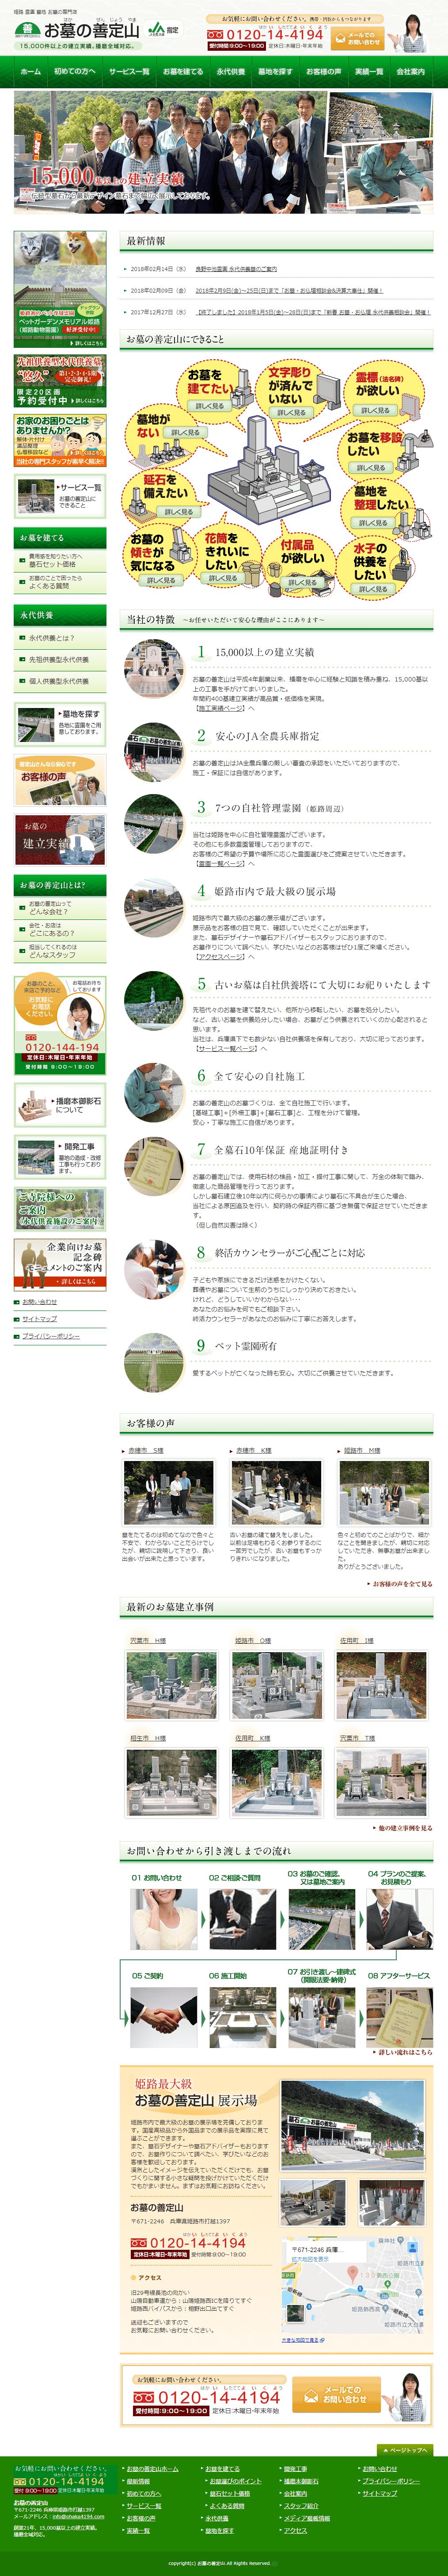 姫路市 お墓の善定山様 ホームページ制作1